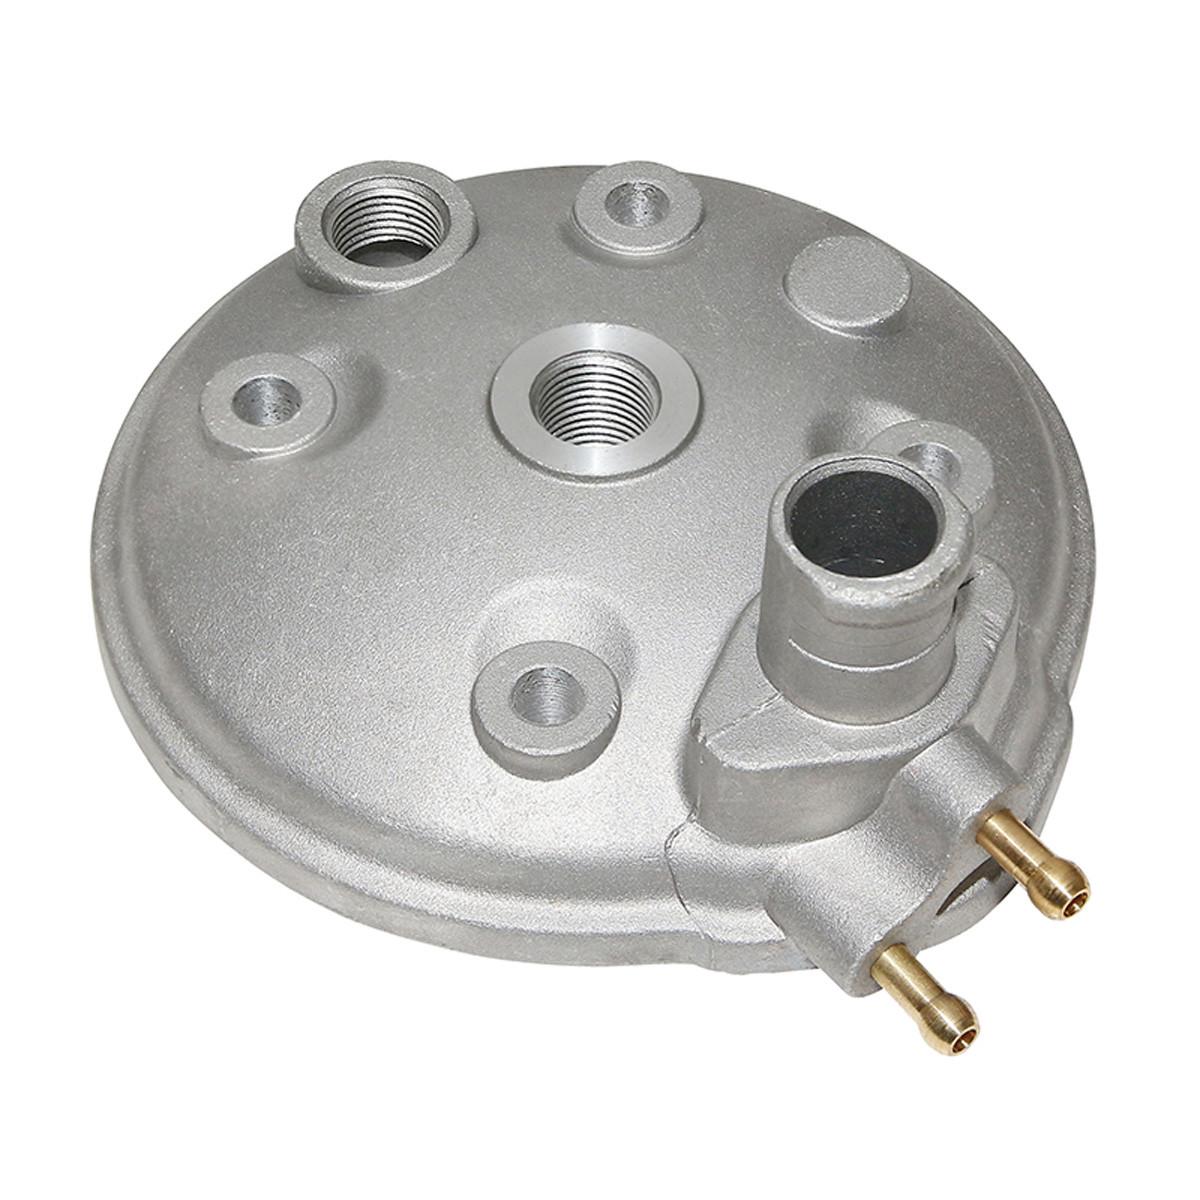 Culasse 50cc AM6 - Type origine 40.3mm